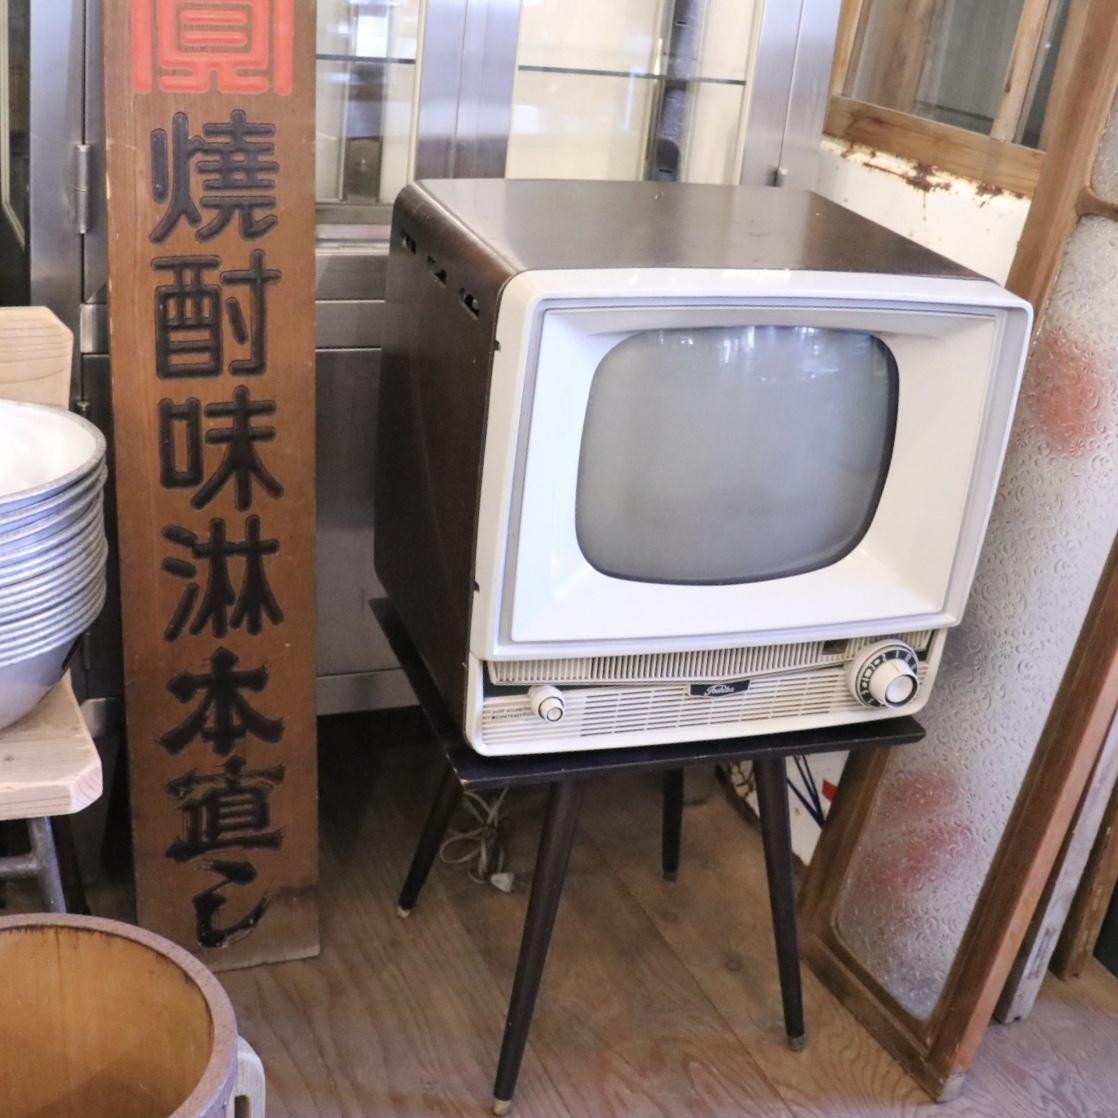 徳島の骨董買取店コユメヤです。古いもの古道具アンティーク無料出張買取!_d0172694_20291360.jpeg